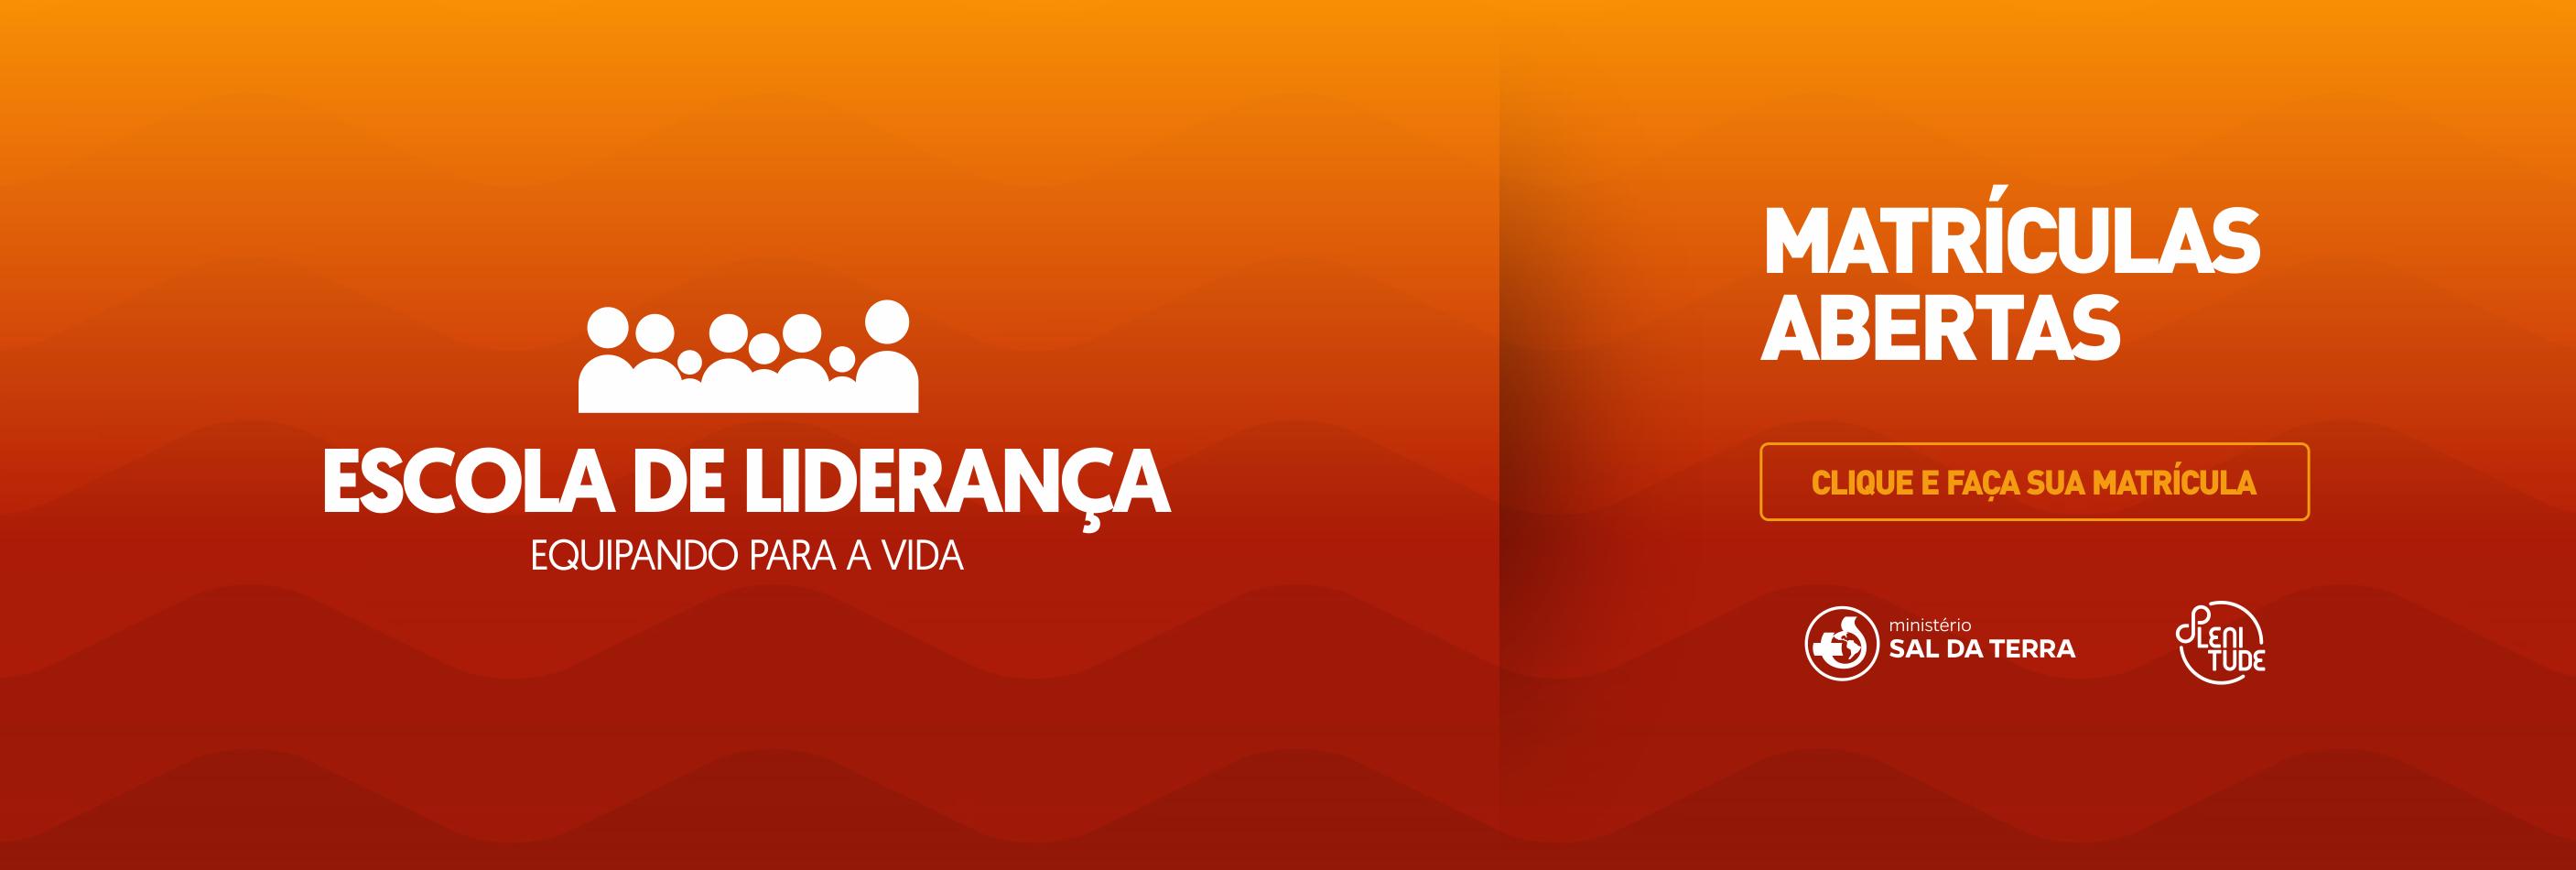 Banner_EscolaLideranca2019